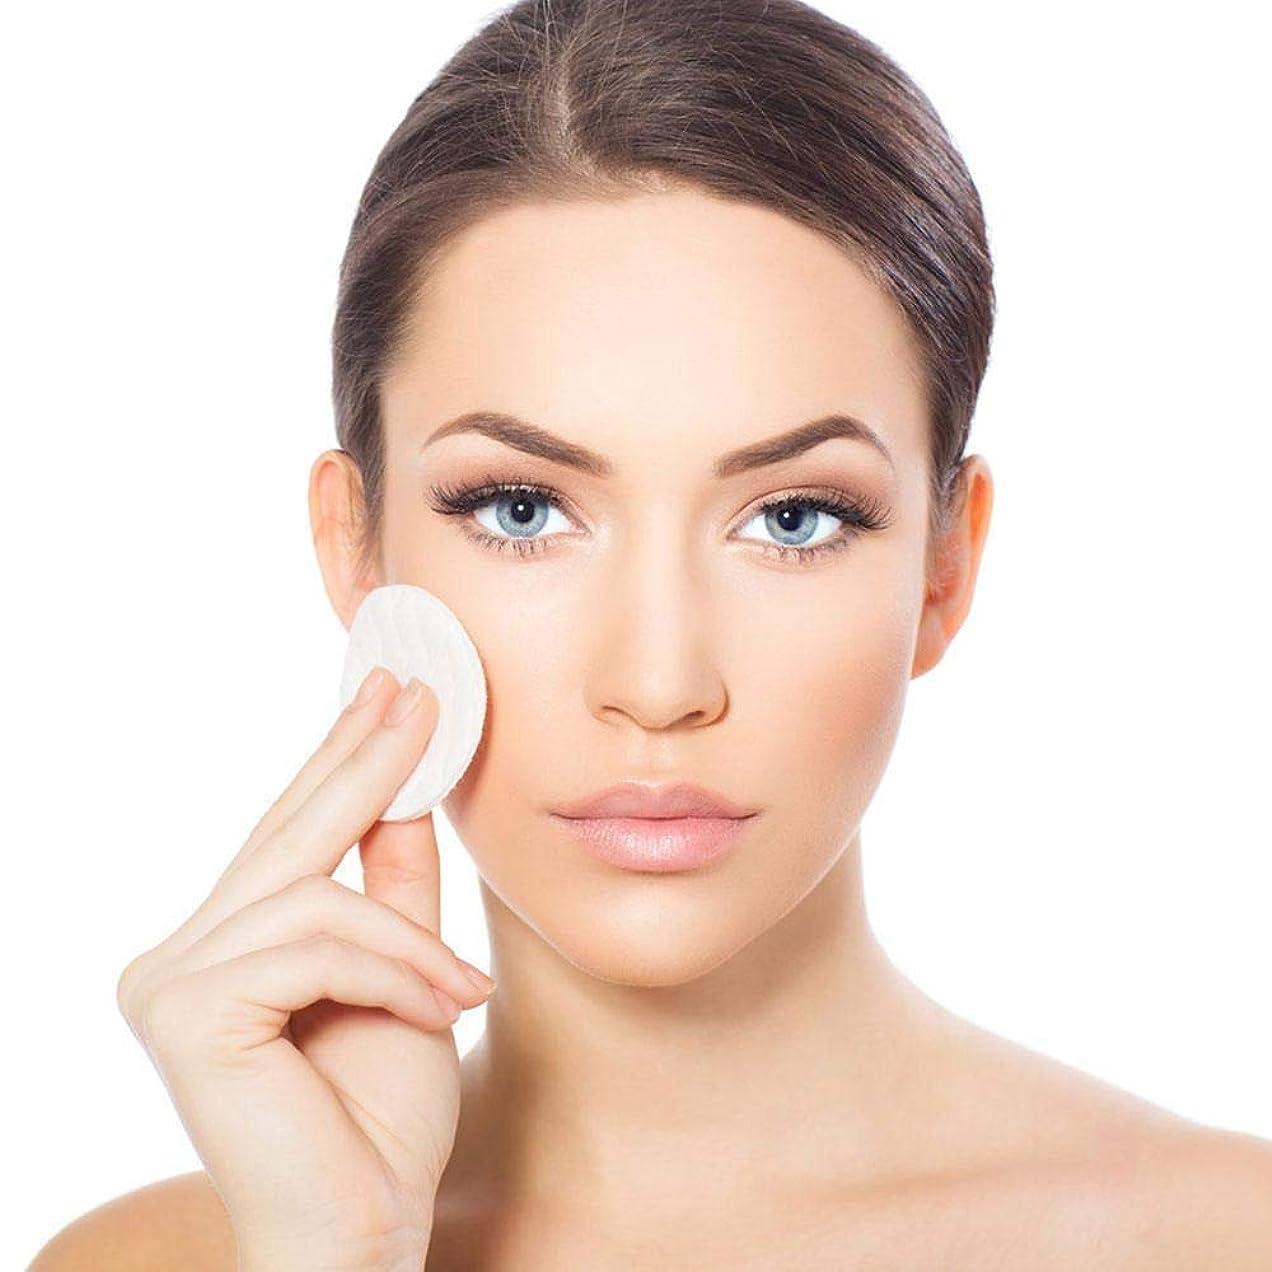 スポーツをする急襲タンパク質ユニセックス 洗面再利用可能 3層化粧品除去パッド顔清潔ワイプ 化粧落としコットン 肌に優しい 8セット